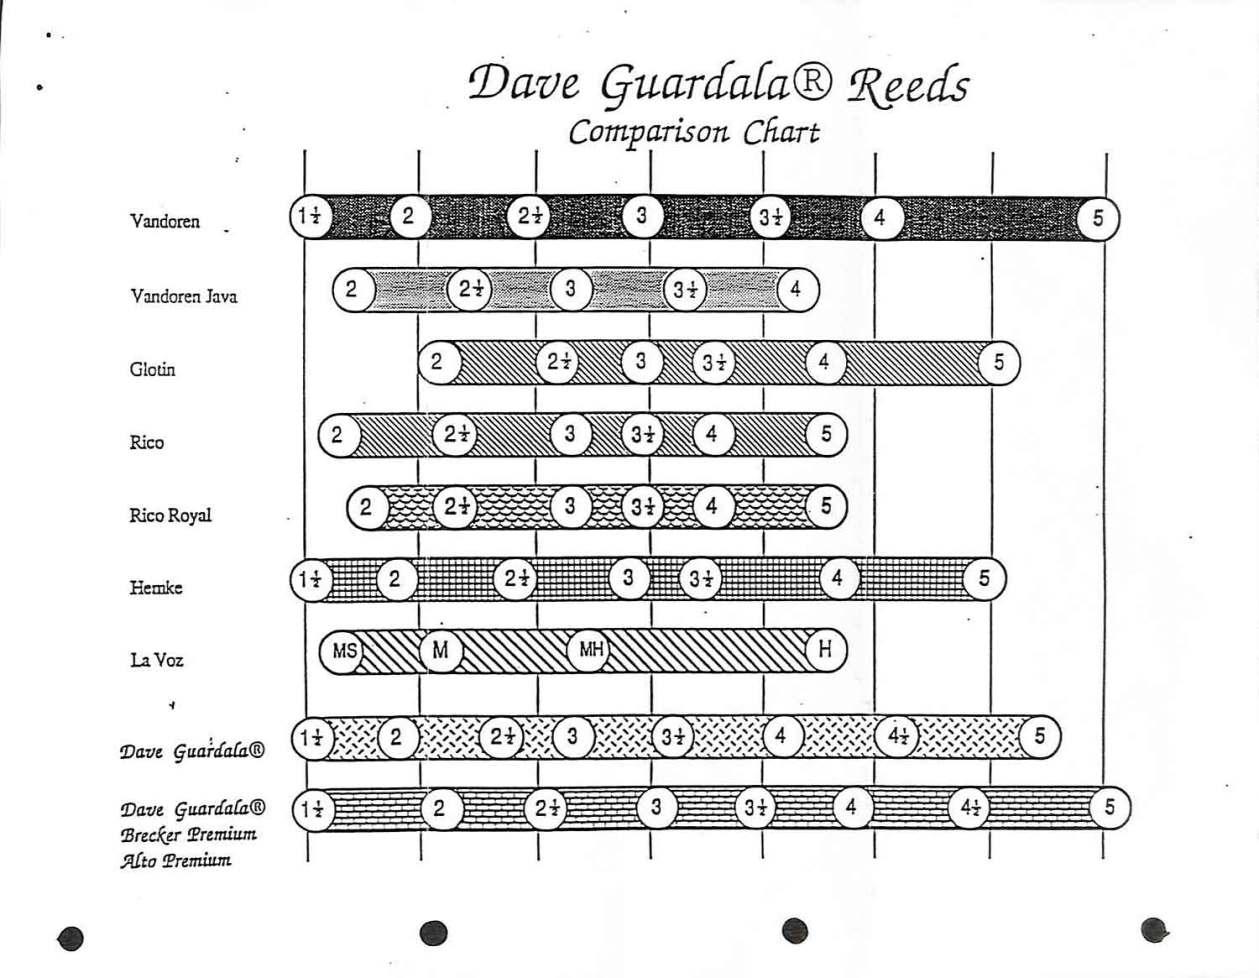 Dave Guardala, reeds, brochure, saxophone reeds